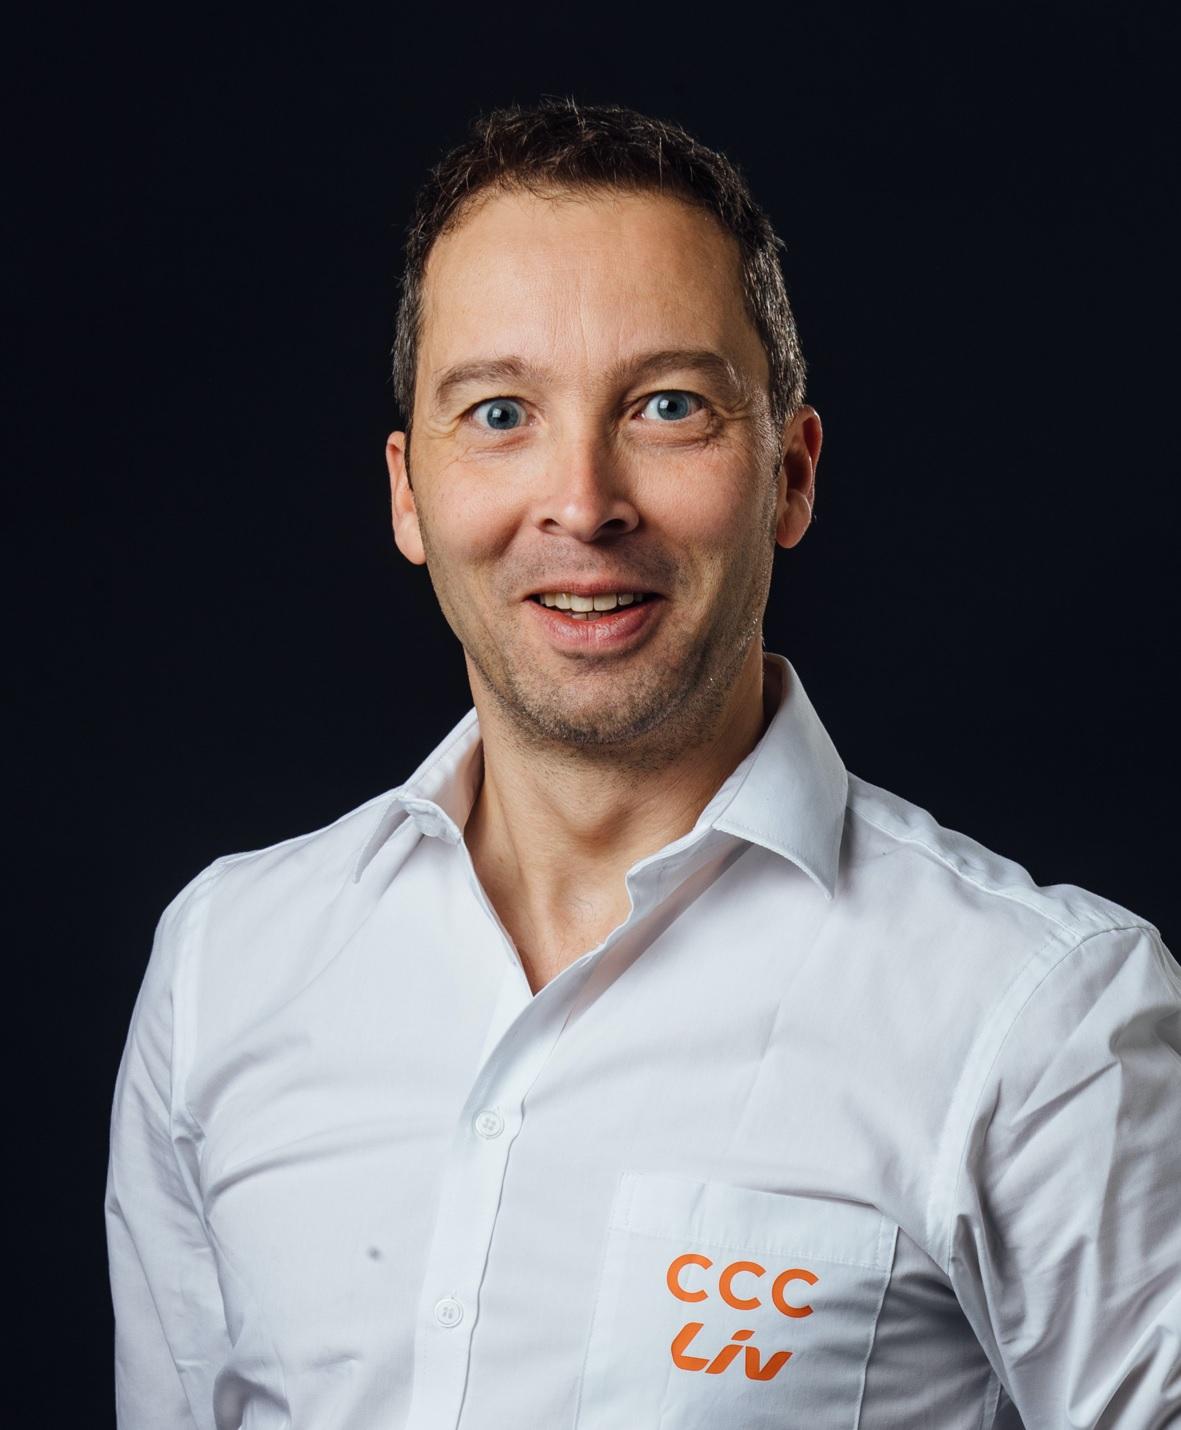 Eric van den Boom